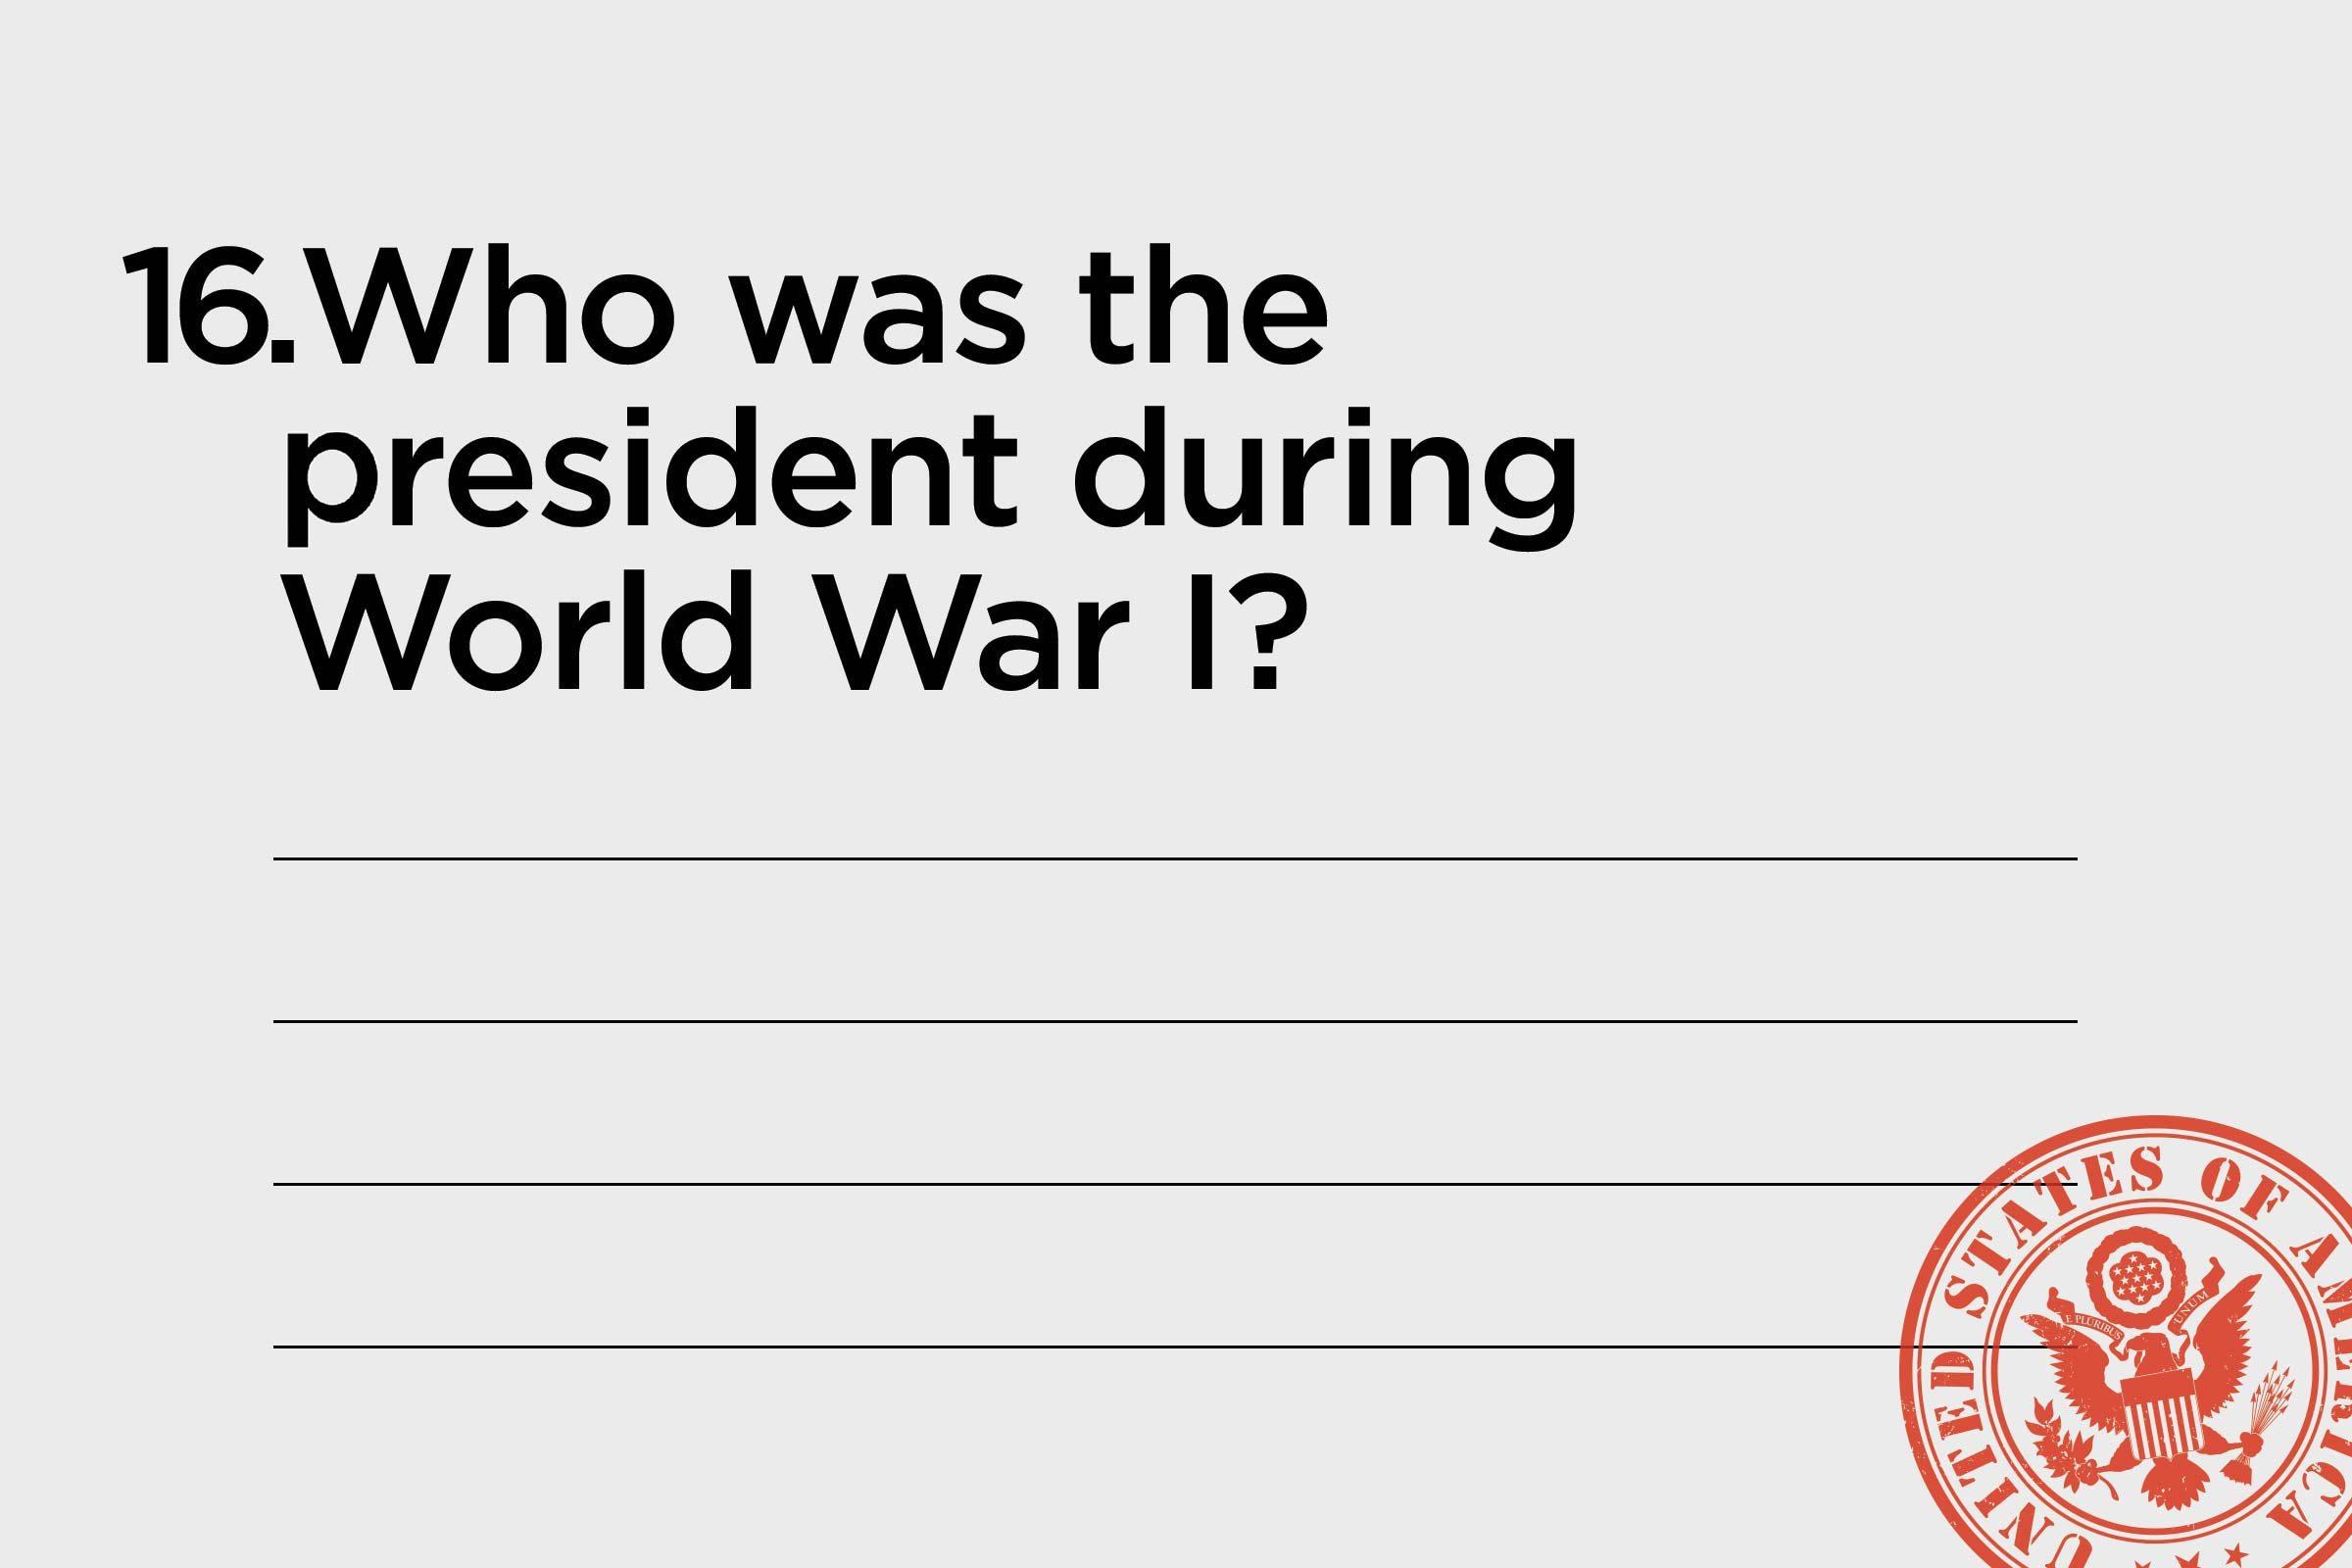 WWI president